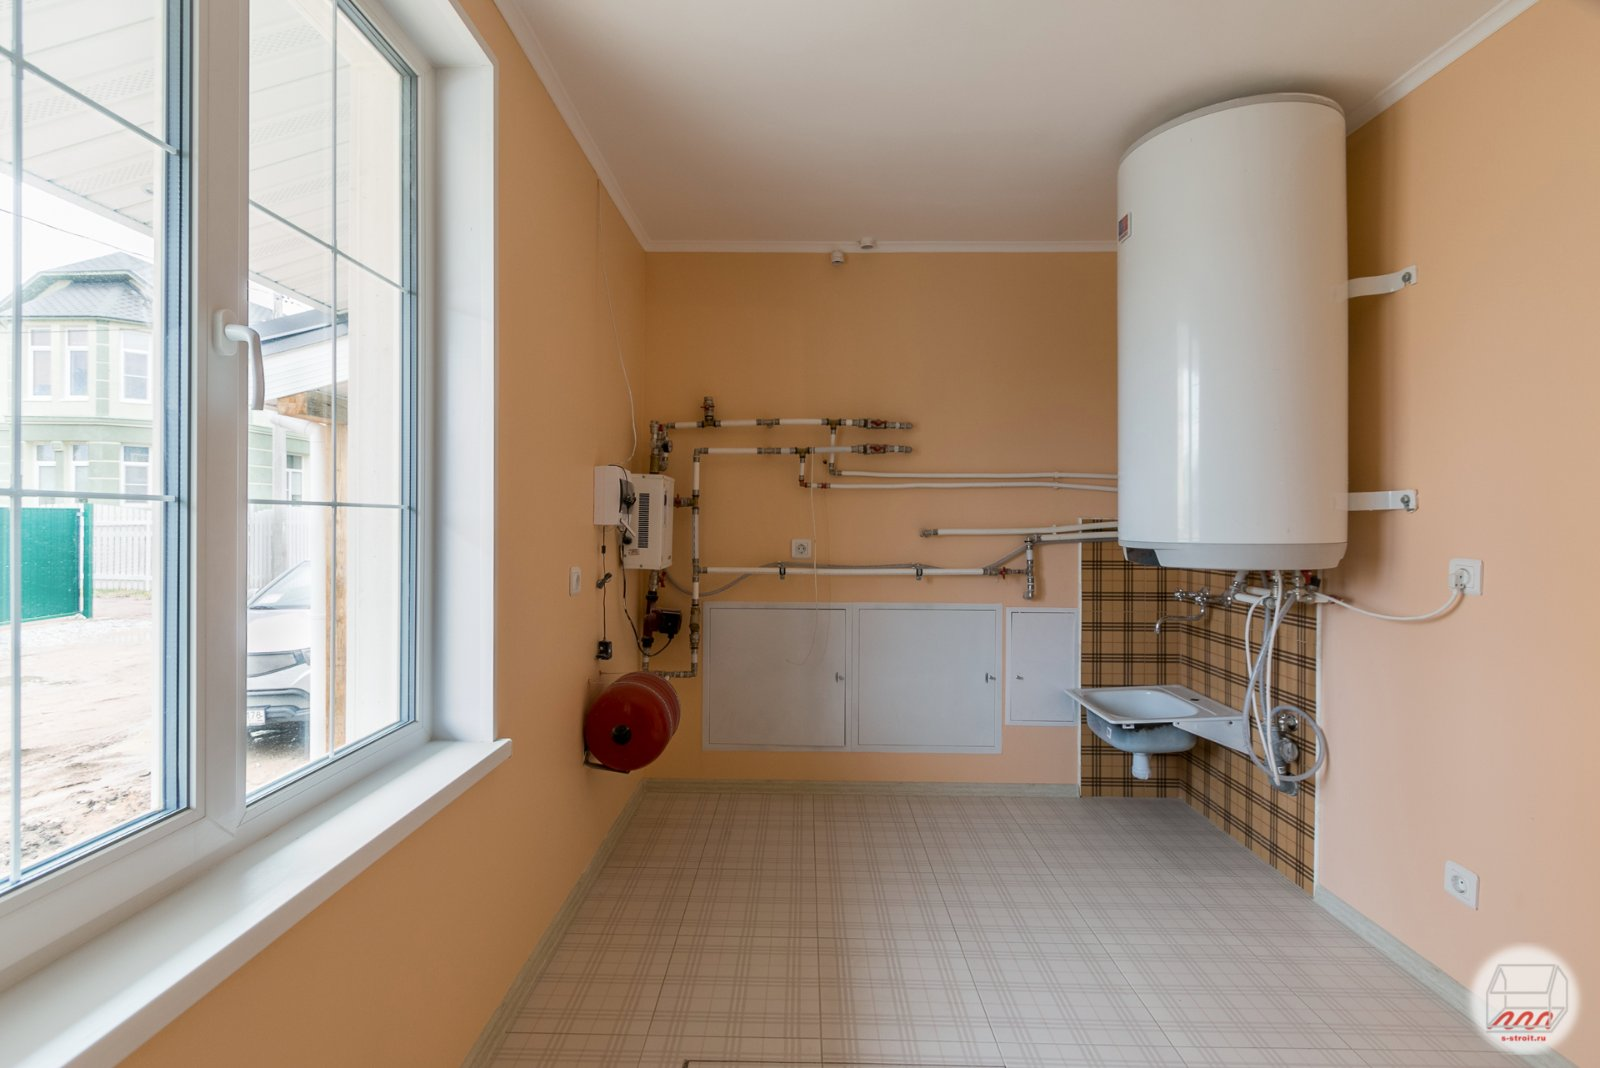 Как сделать автономное отопление в квартире своими руками